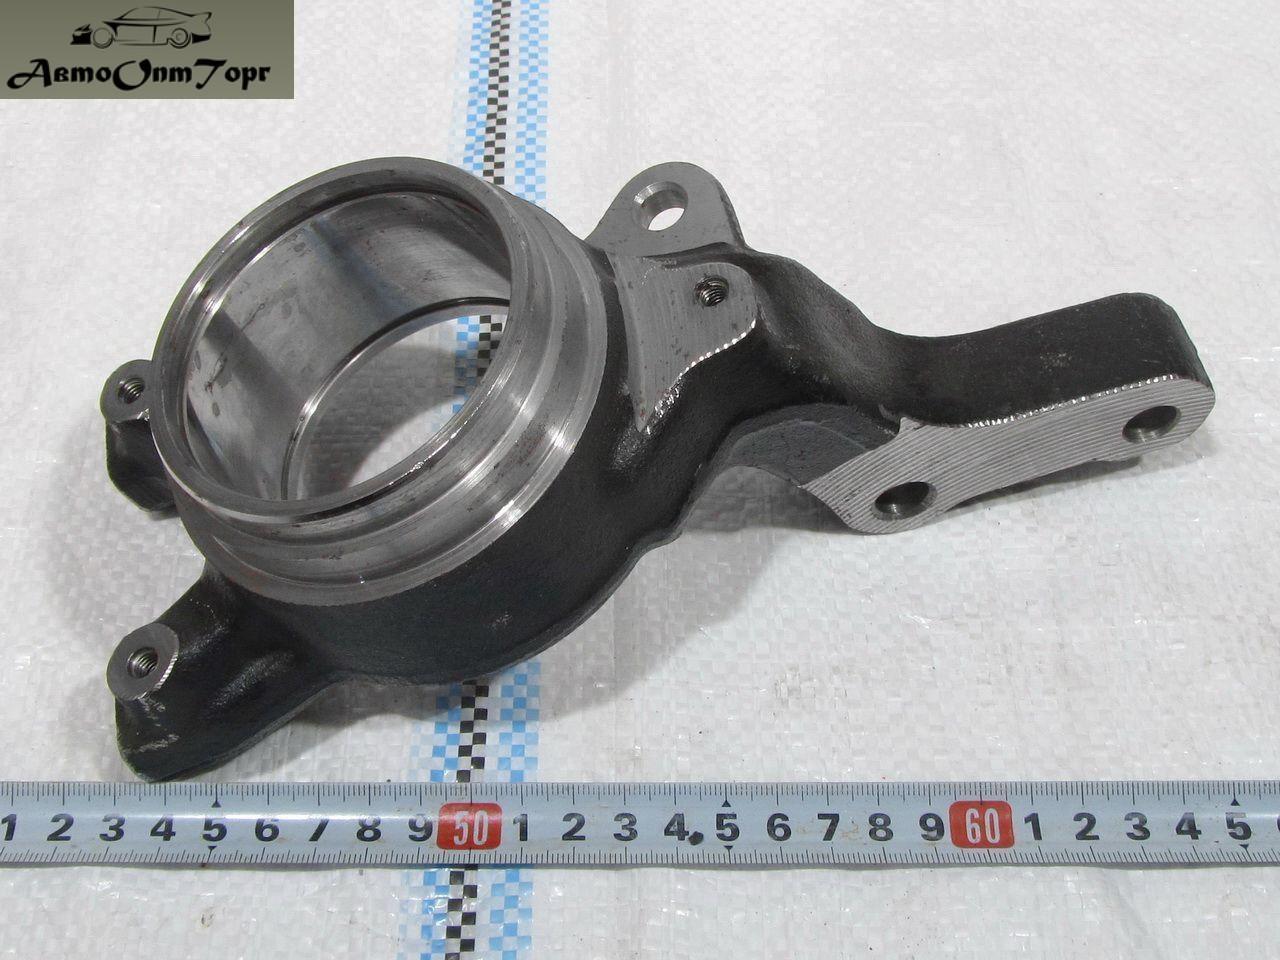 Кулак поворотный левый ВАЗ Калина (1118) и ВАЗ Приора (2170) голый, прои-во: Авто ВАЗ, кат.код: 1118-3001015